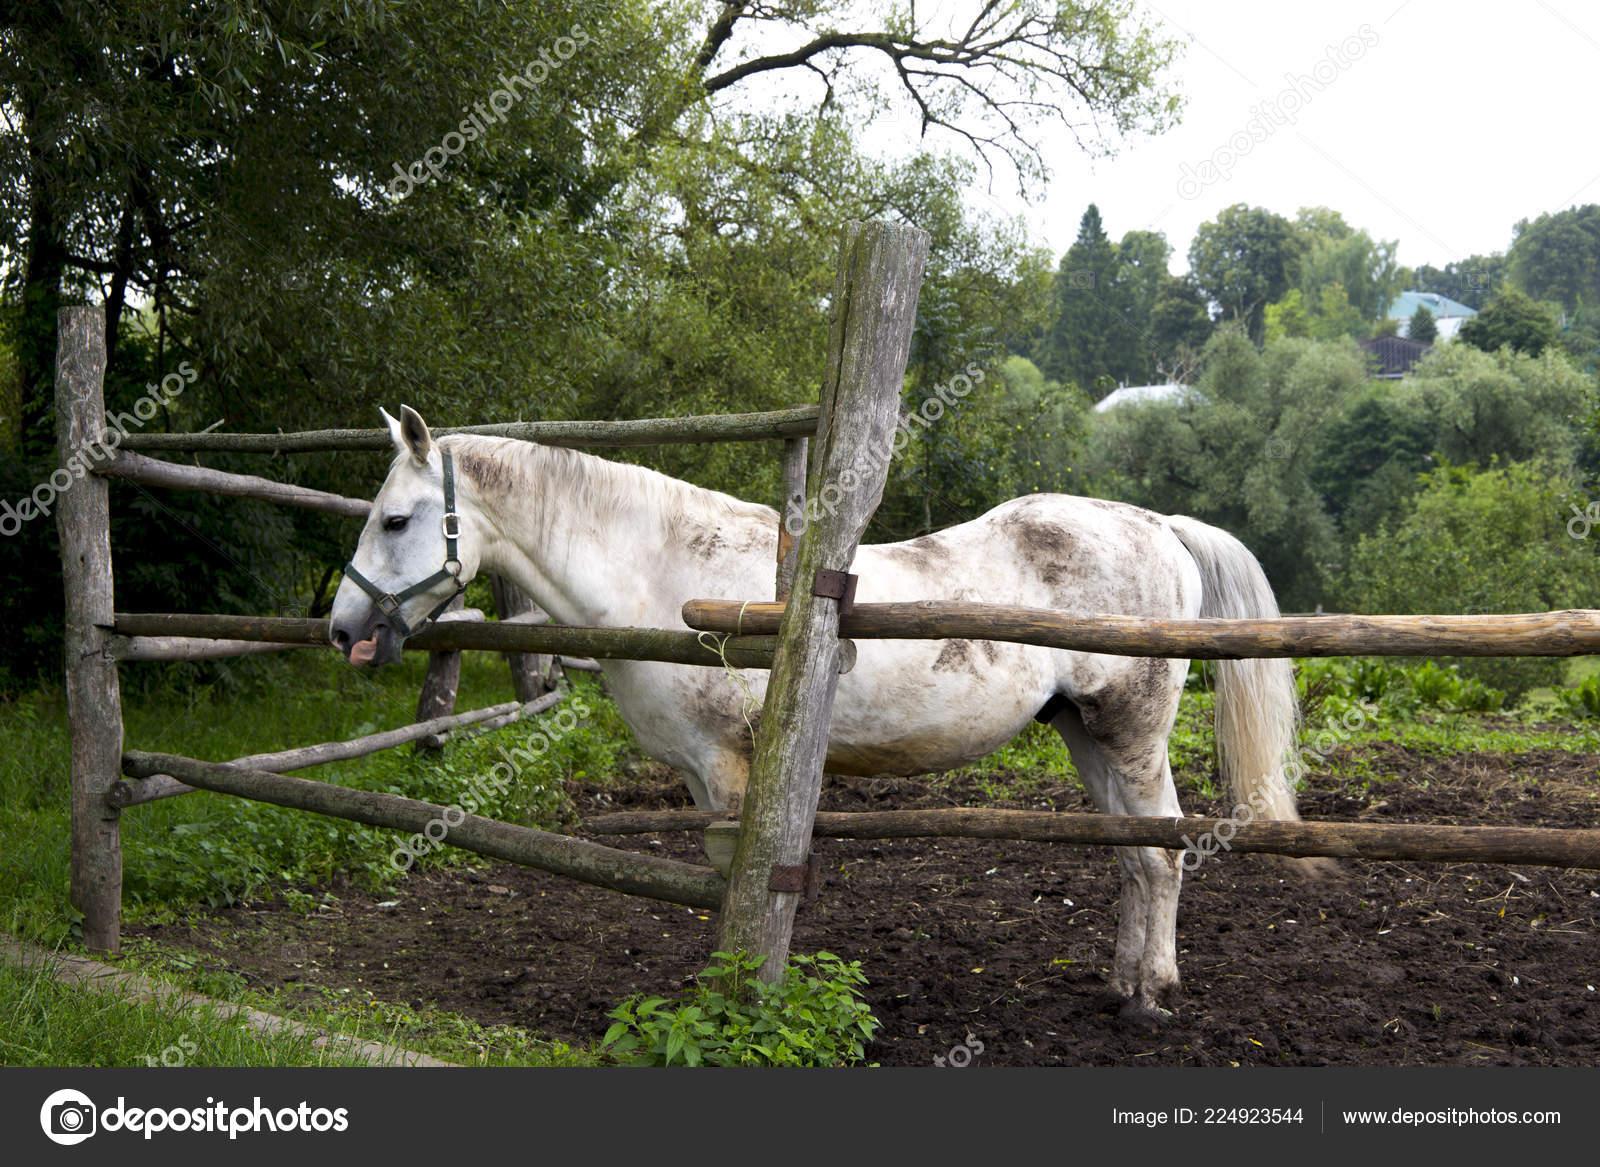 White Horse Animal Farm Stock Photo C Bon1984 224923544